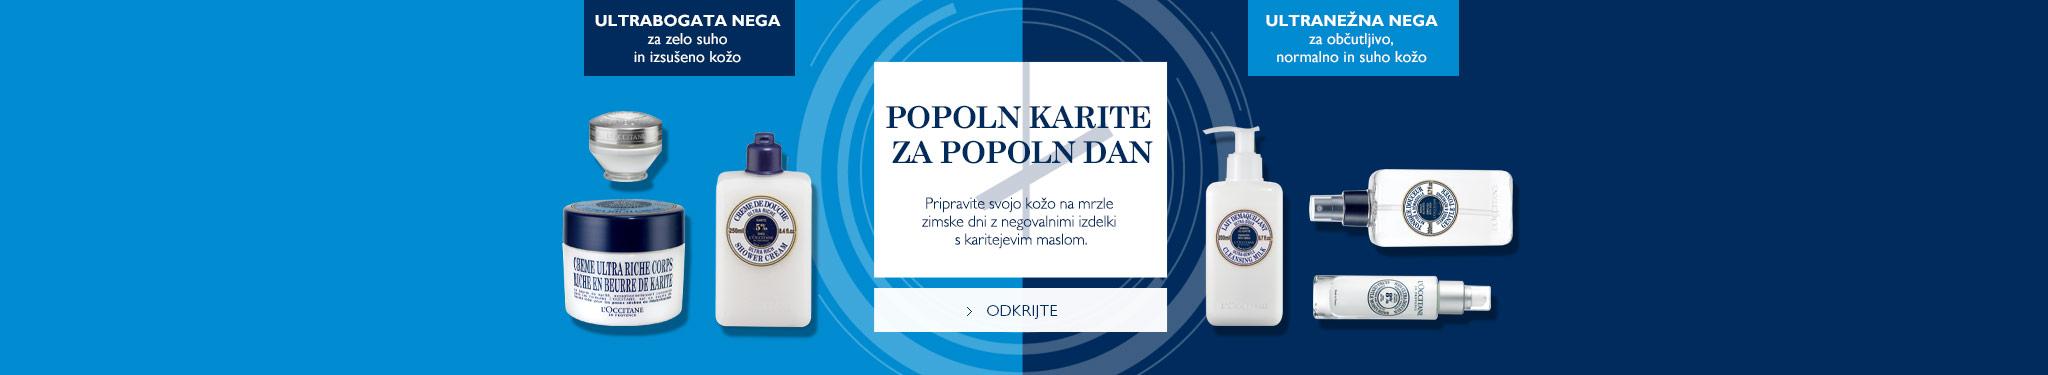 POPOLN KARITE ZA POPOLN DAN